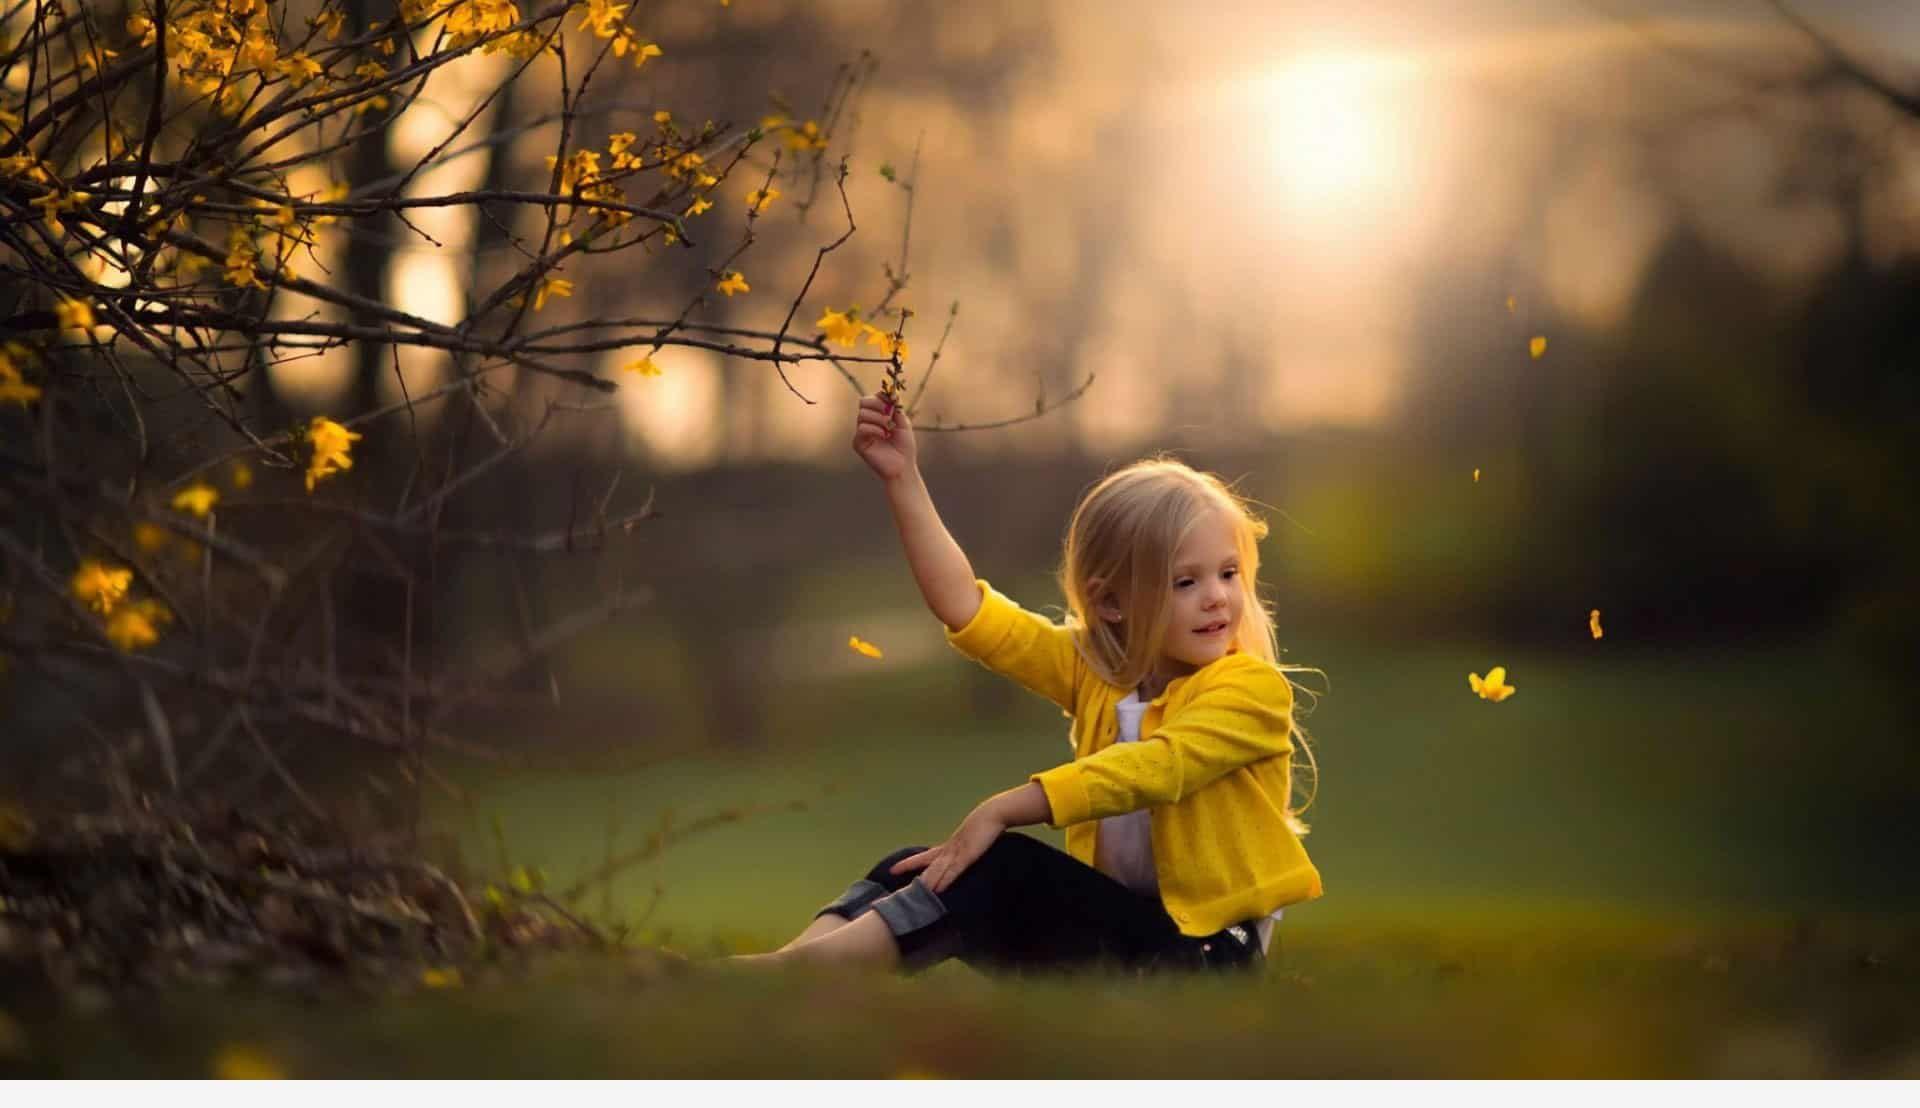 Cute Baby Girl Hd Wallpapers 1080p Vinny Oleo Vegetal Info